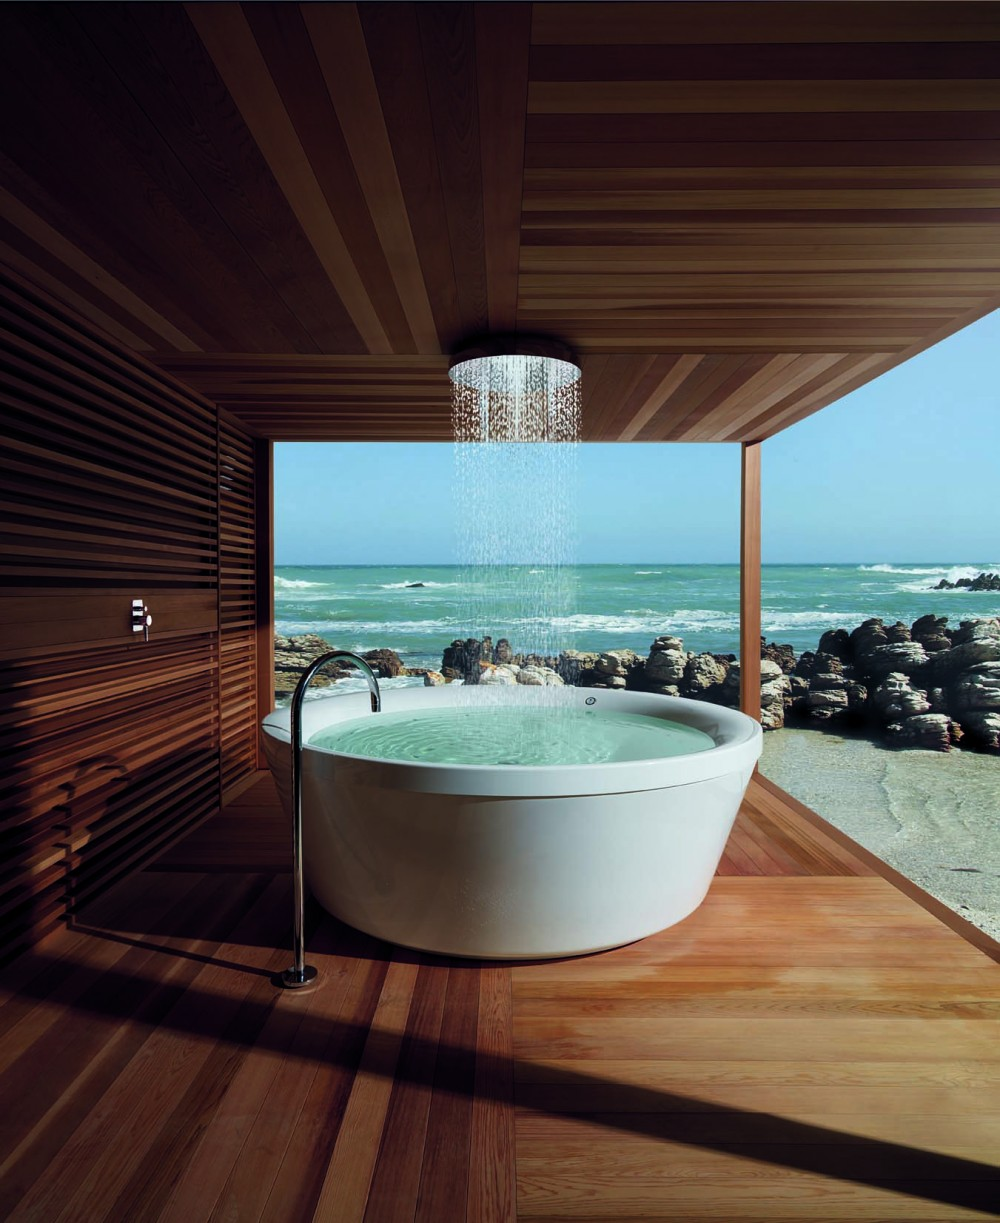 Cabinas De Ducha Kos:Bañera-redonda-exterior-con-ducha-de-lluvia-de-Kos-e1431432565509jpg